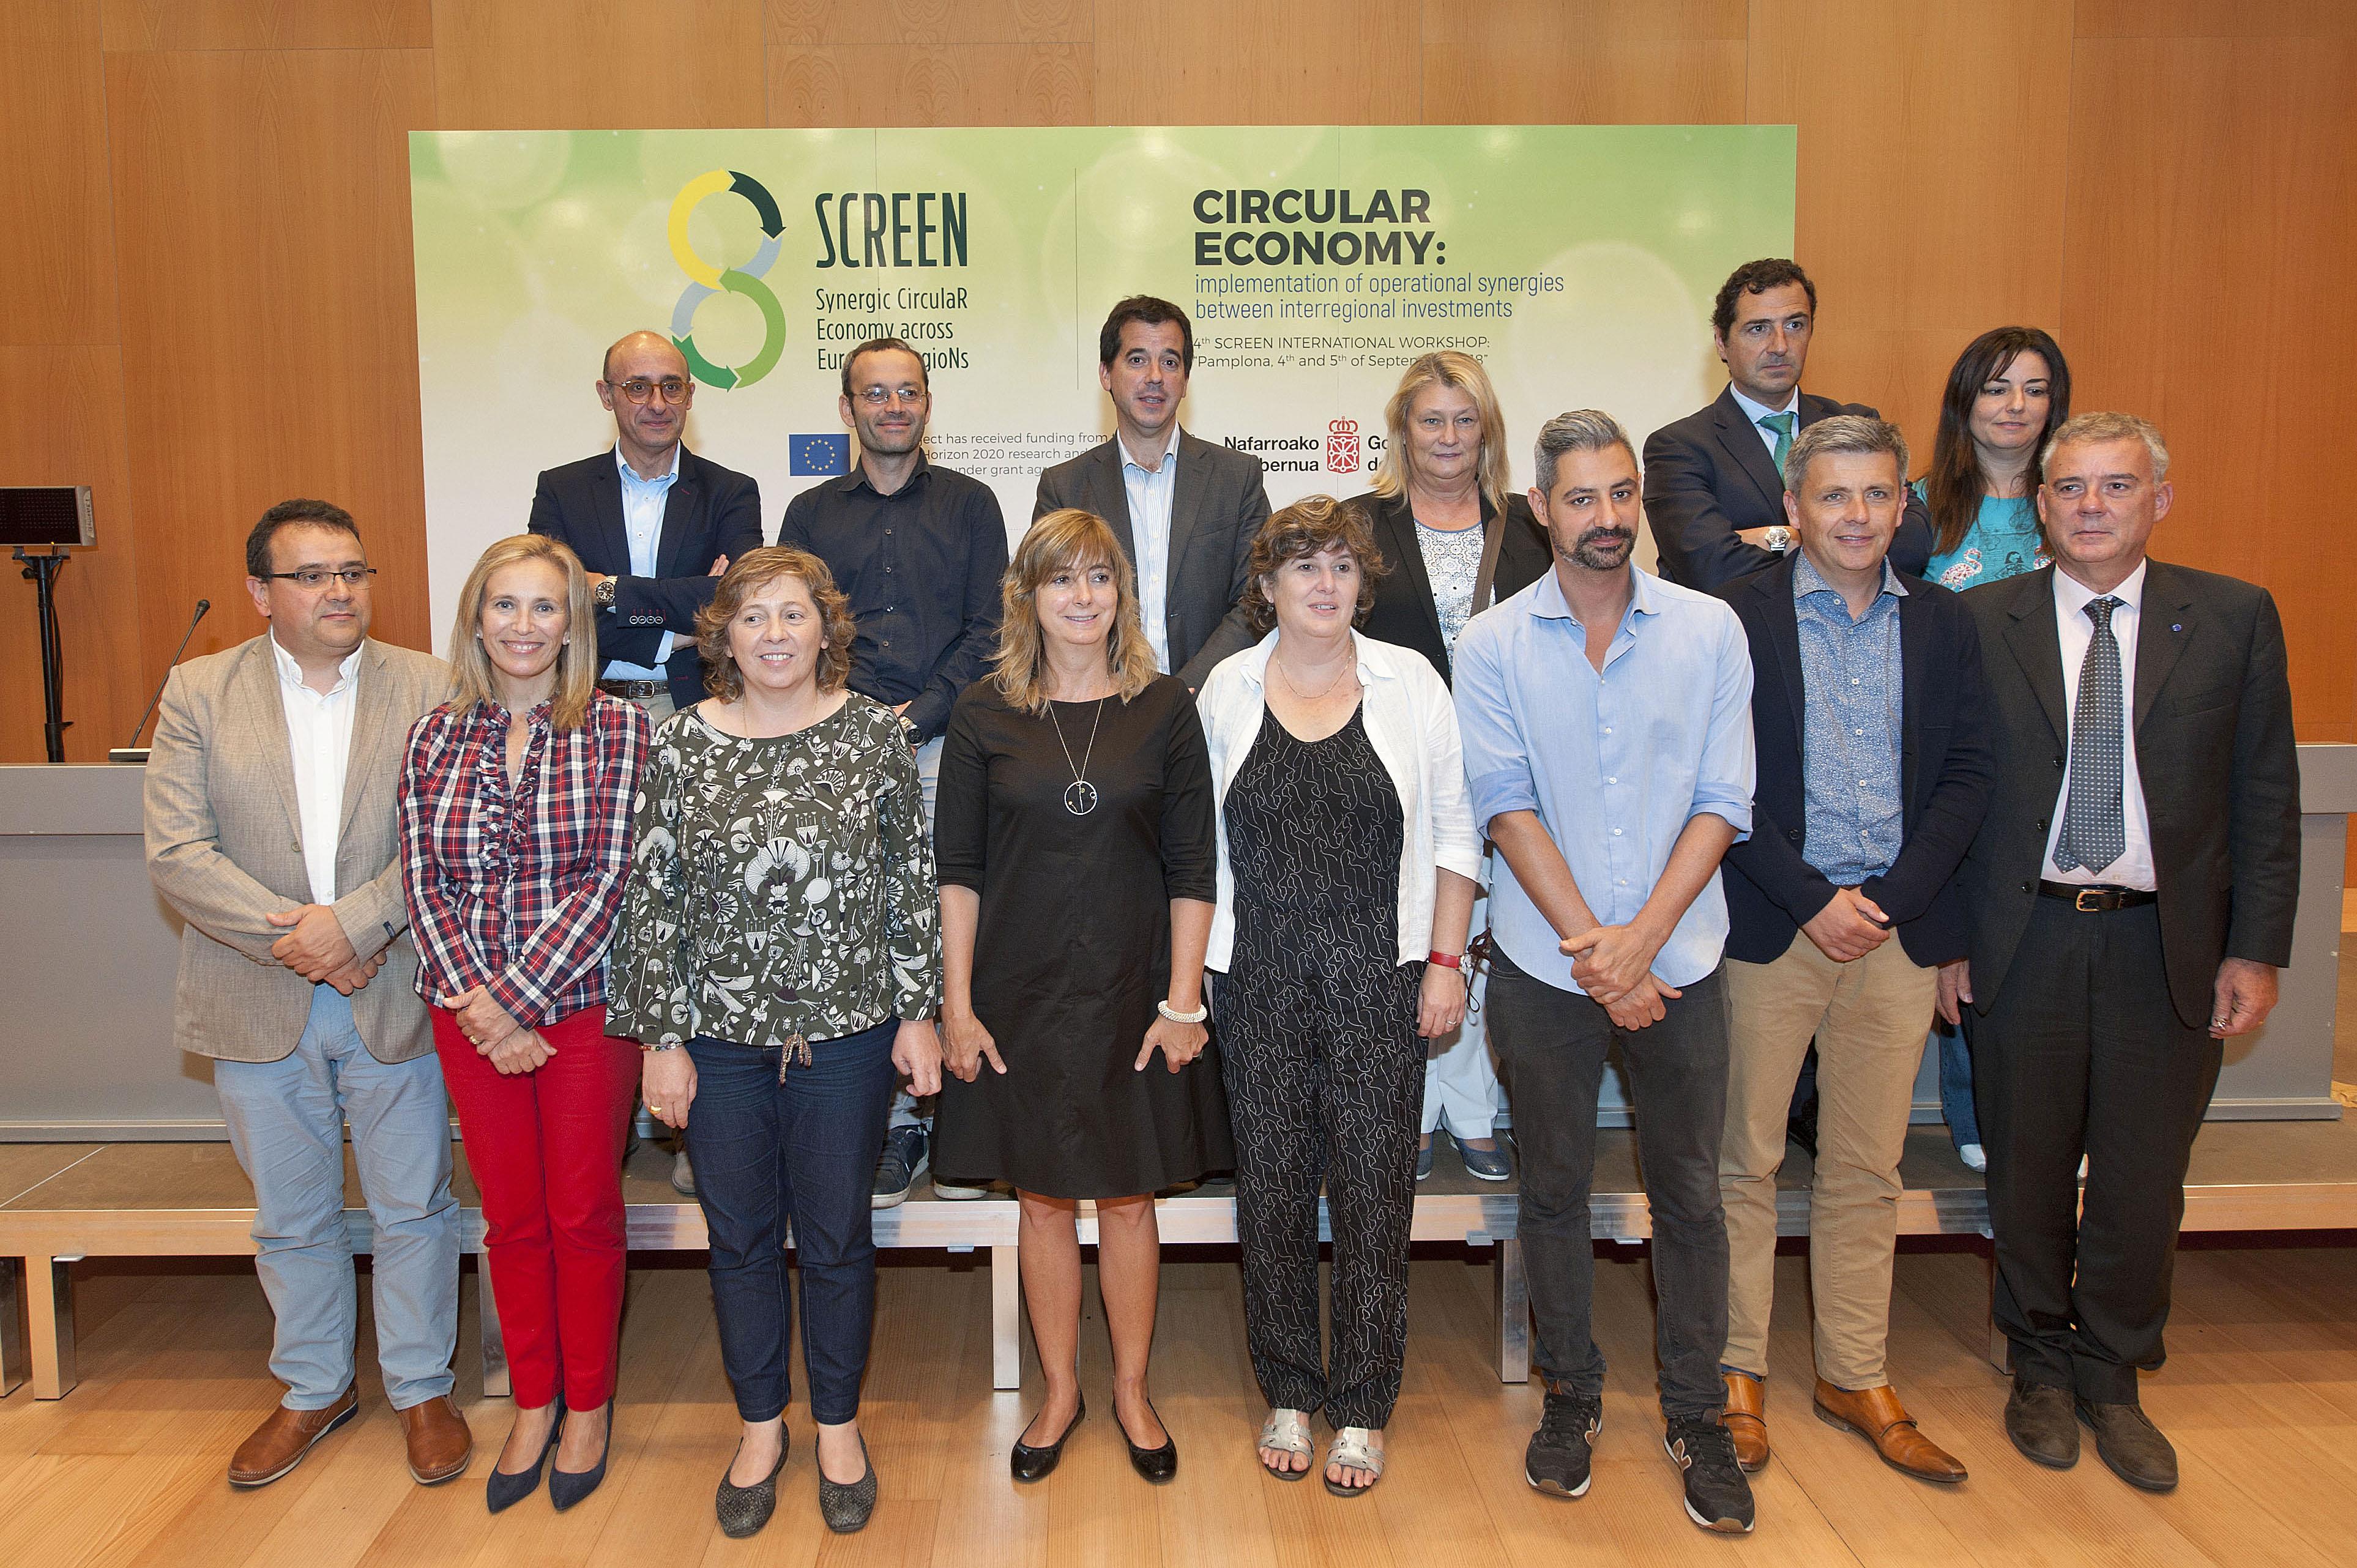 Las consejeras Ana Ollo e Isabel Elizalde con otros representantes institucionales que han participado en el encuentro.